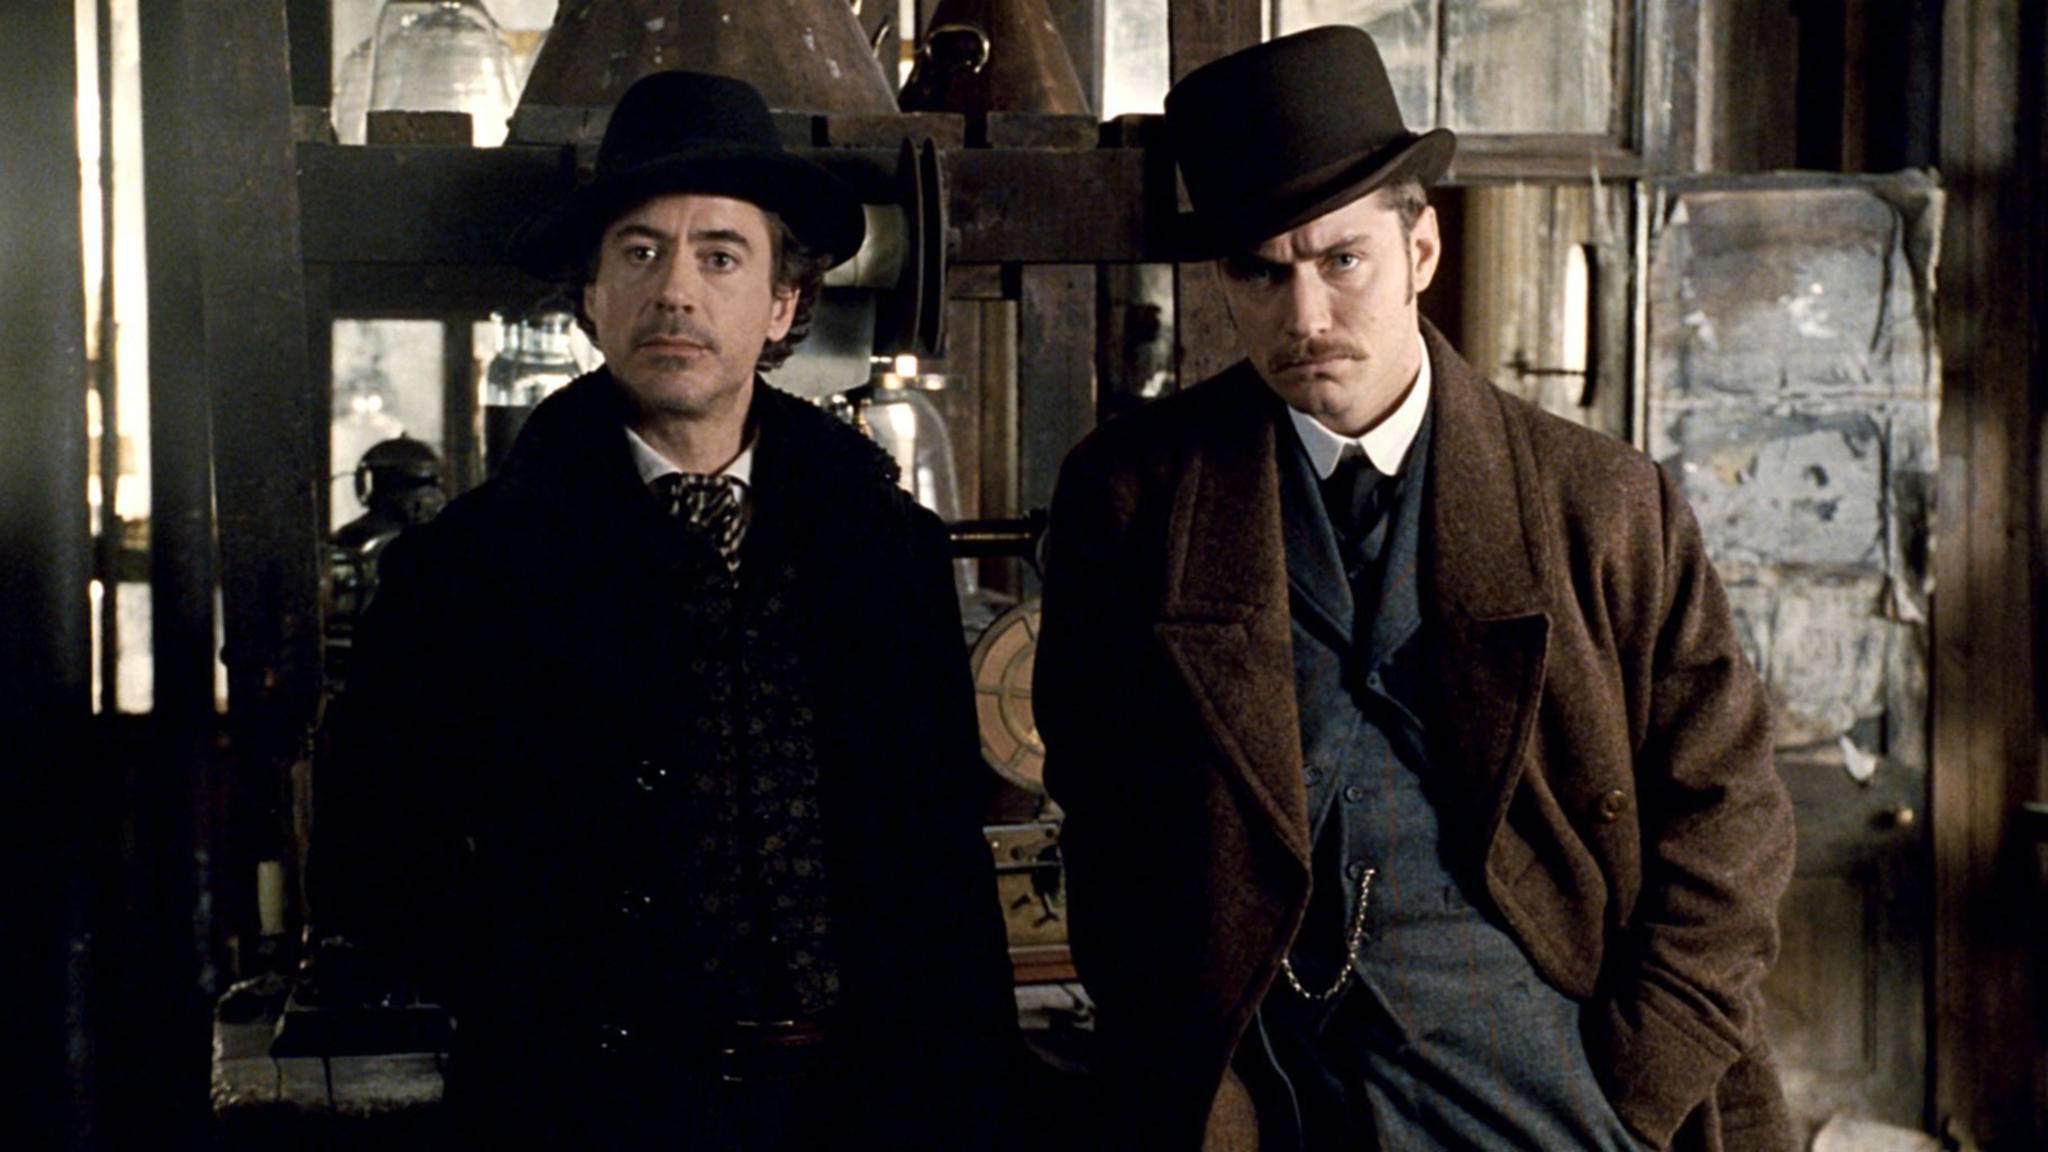 Noch nicht im Ruhestand: Sherlock Holmes (Robert Downey Jr.) und Dr. Watson (Jude Law) bereiten sich auf ihren neuesten Fall vor.